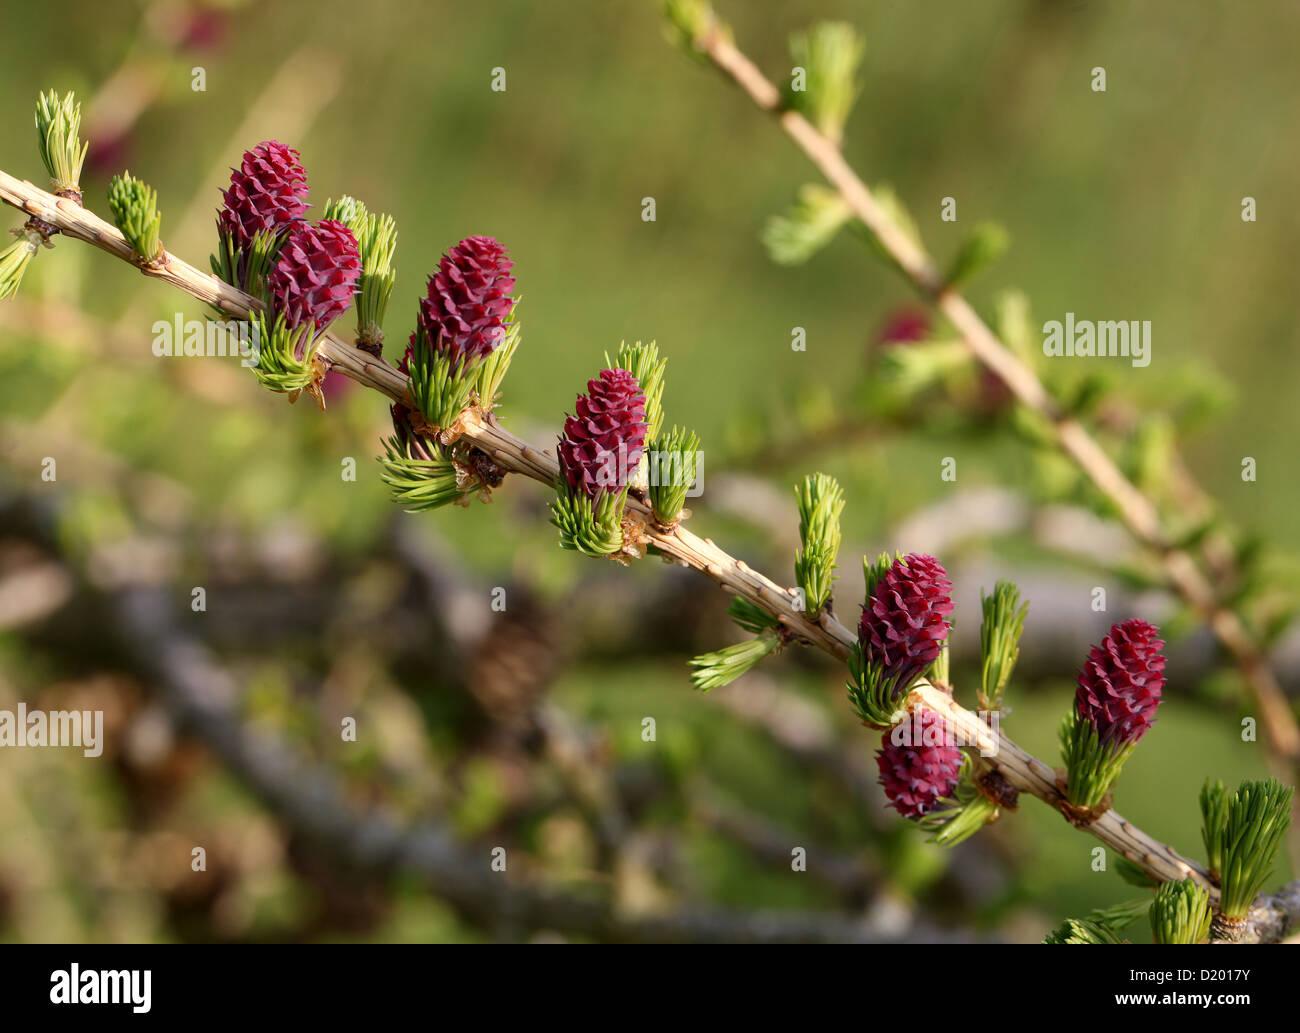 Larice europeo, Larix decidua, Pinaceae. L'Europa. Foto Stock